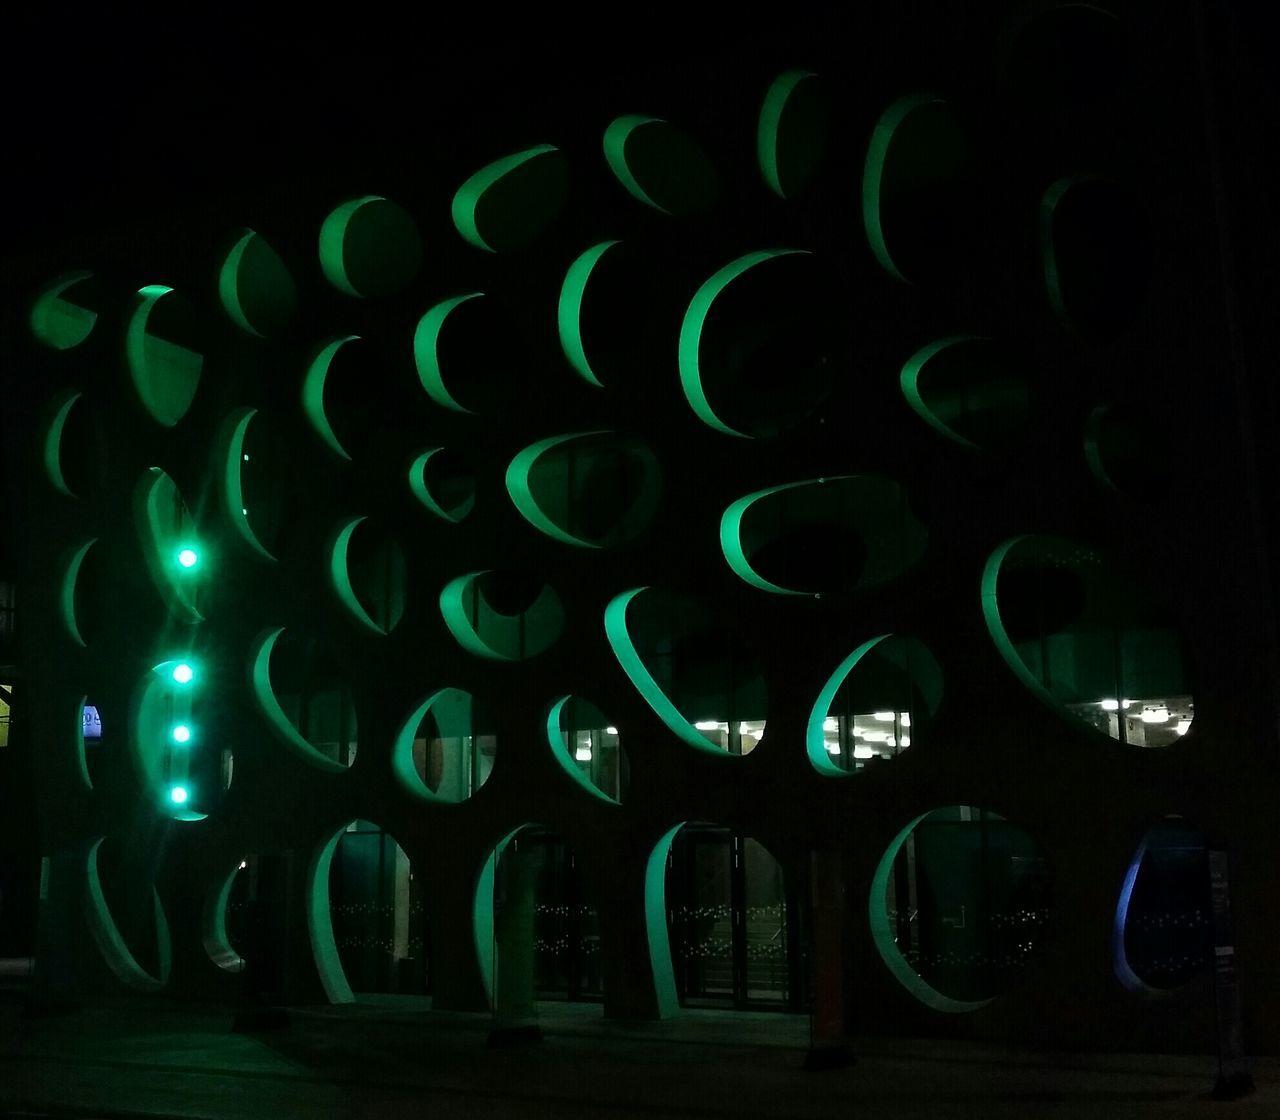 Night Photo Pilsen Mobile Photo P8nočnísvět P8nightworld P8nightworld Photo In Top 50 Of 25000 Photos